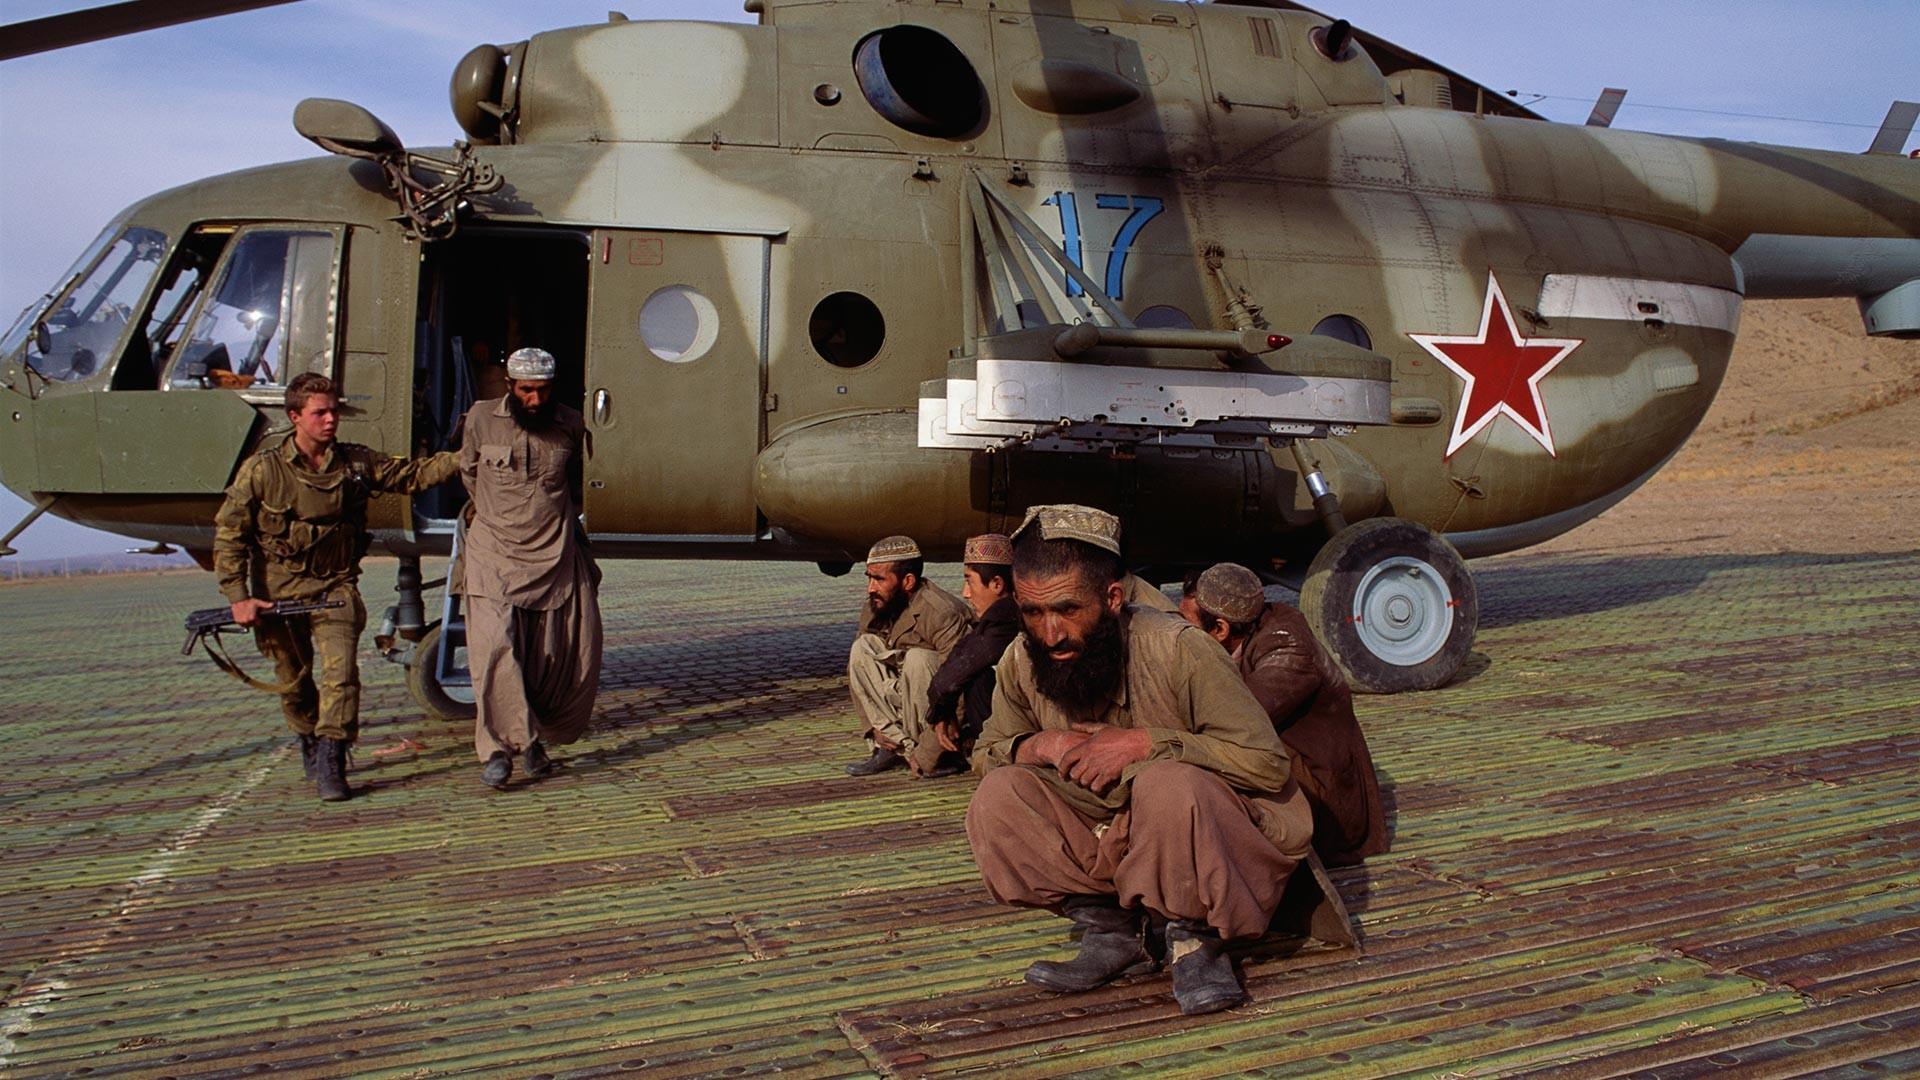 Soviet Guards Arrest Afghan Men.